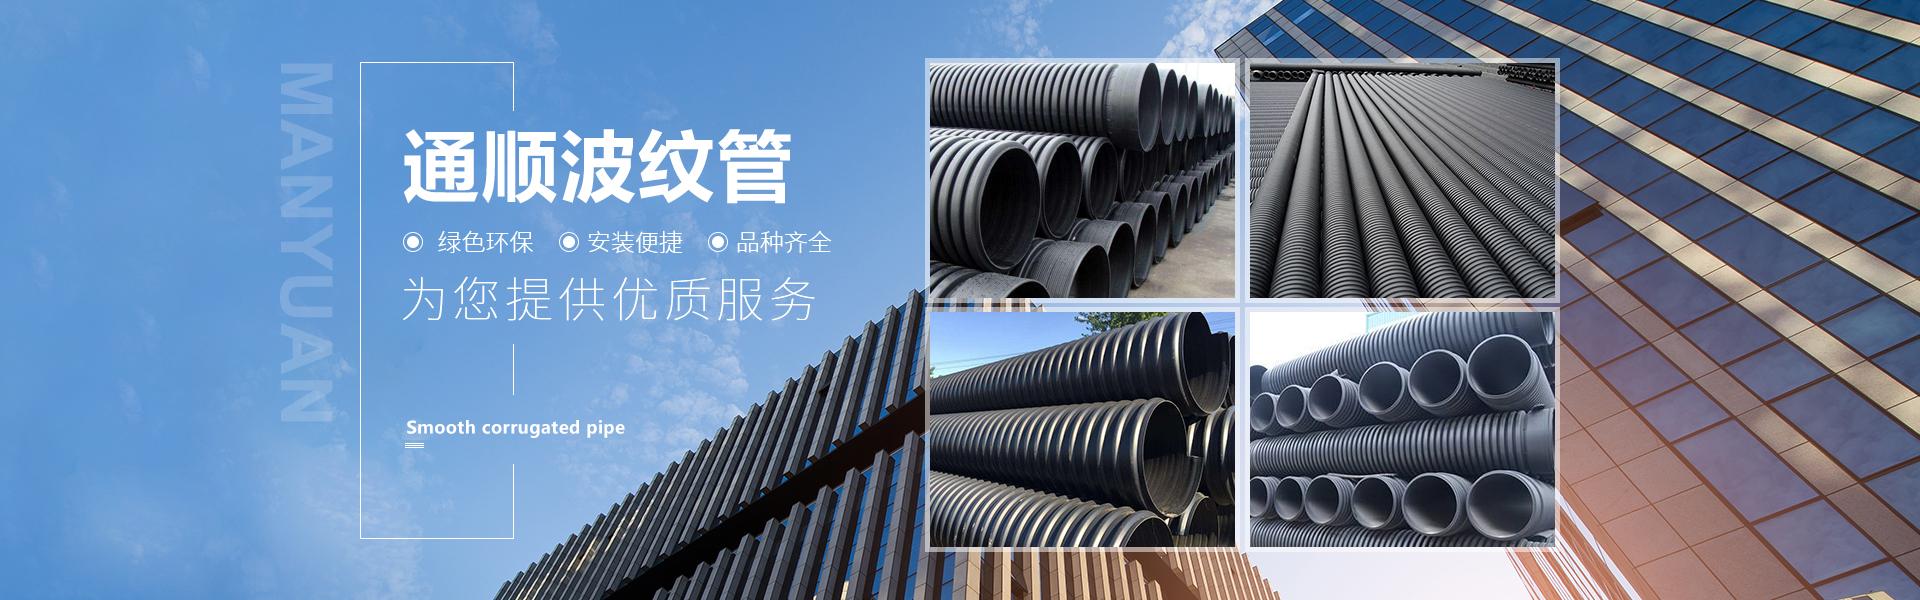 高强度塑合金管厂家,高强度塑合金管生产厂家,高强度塑合金管